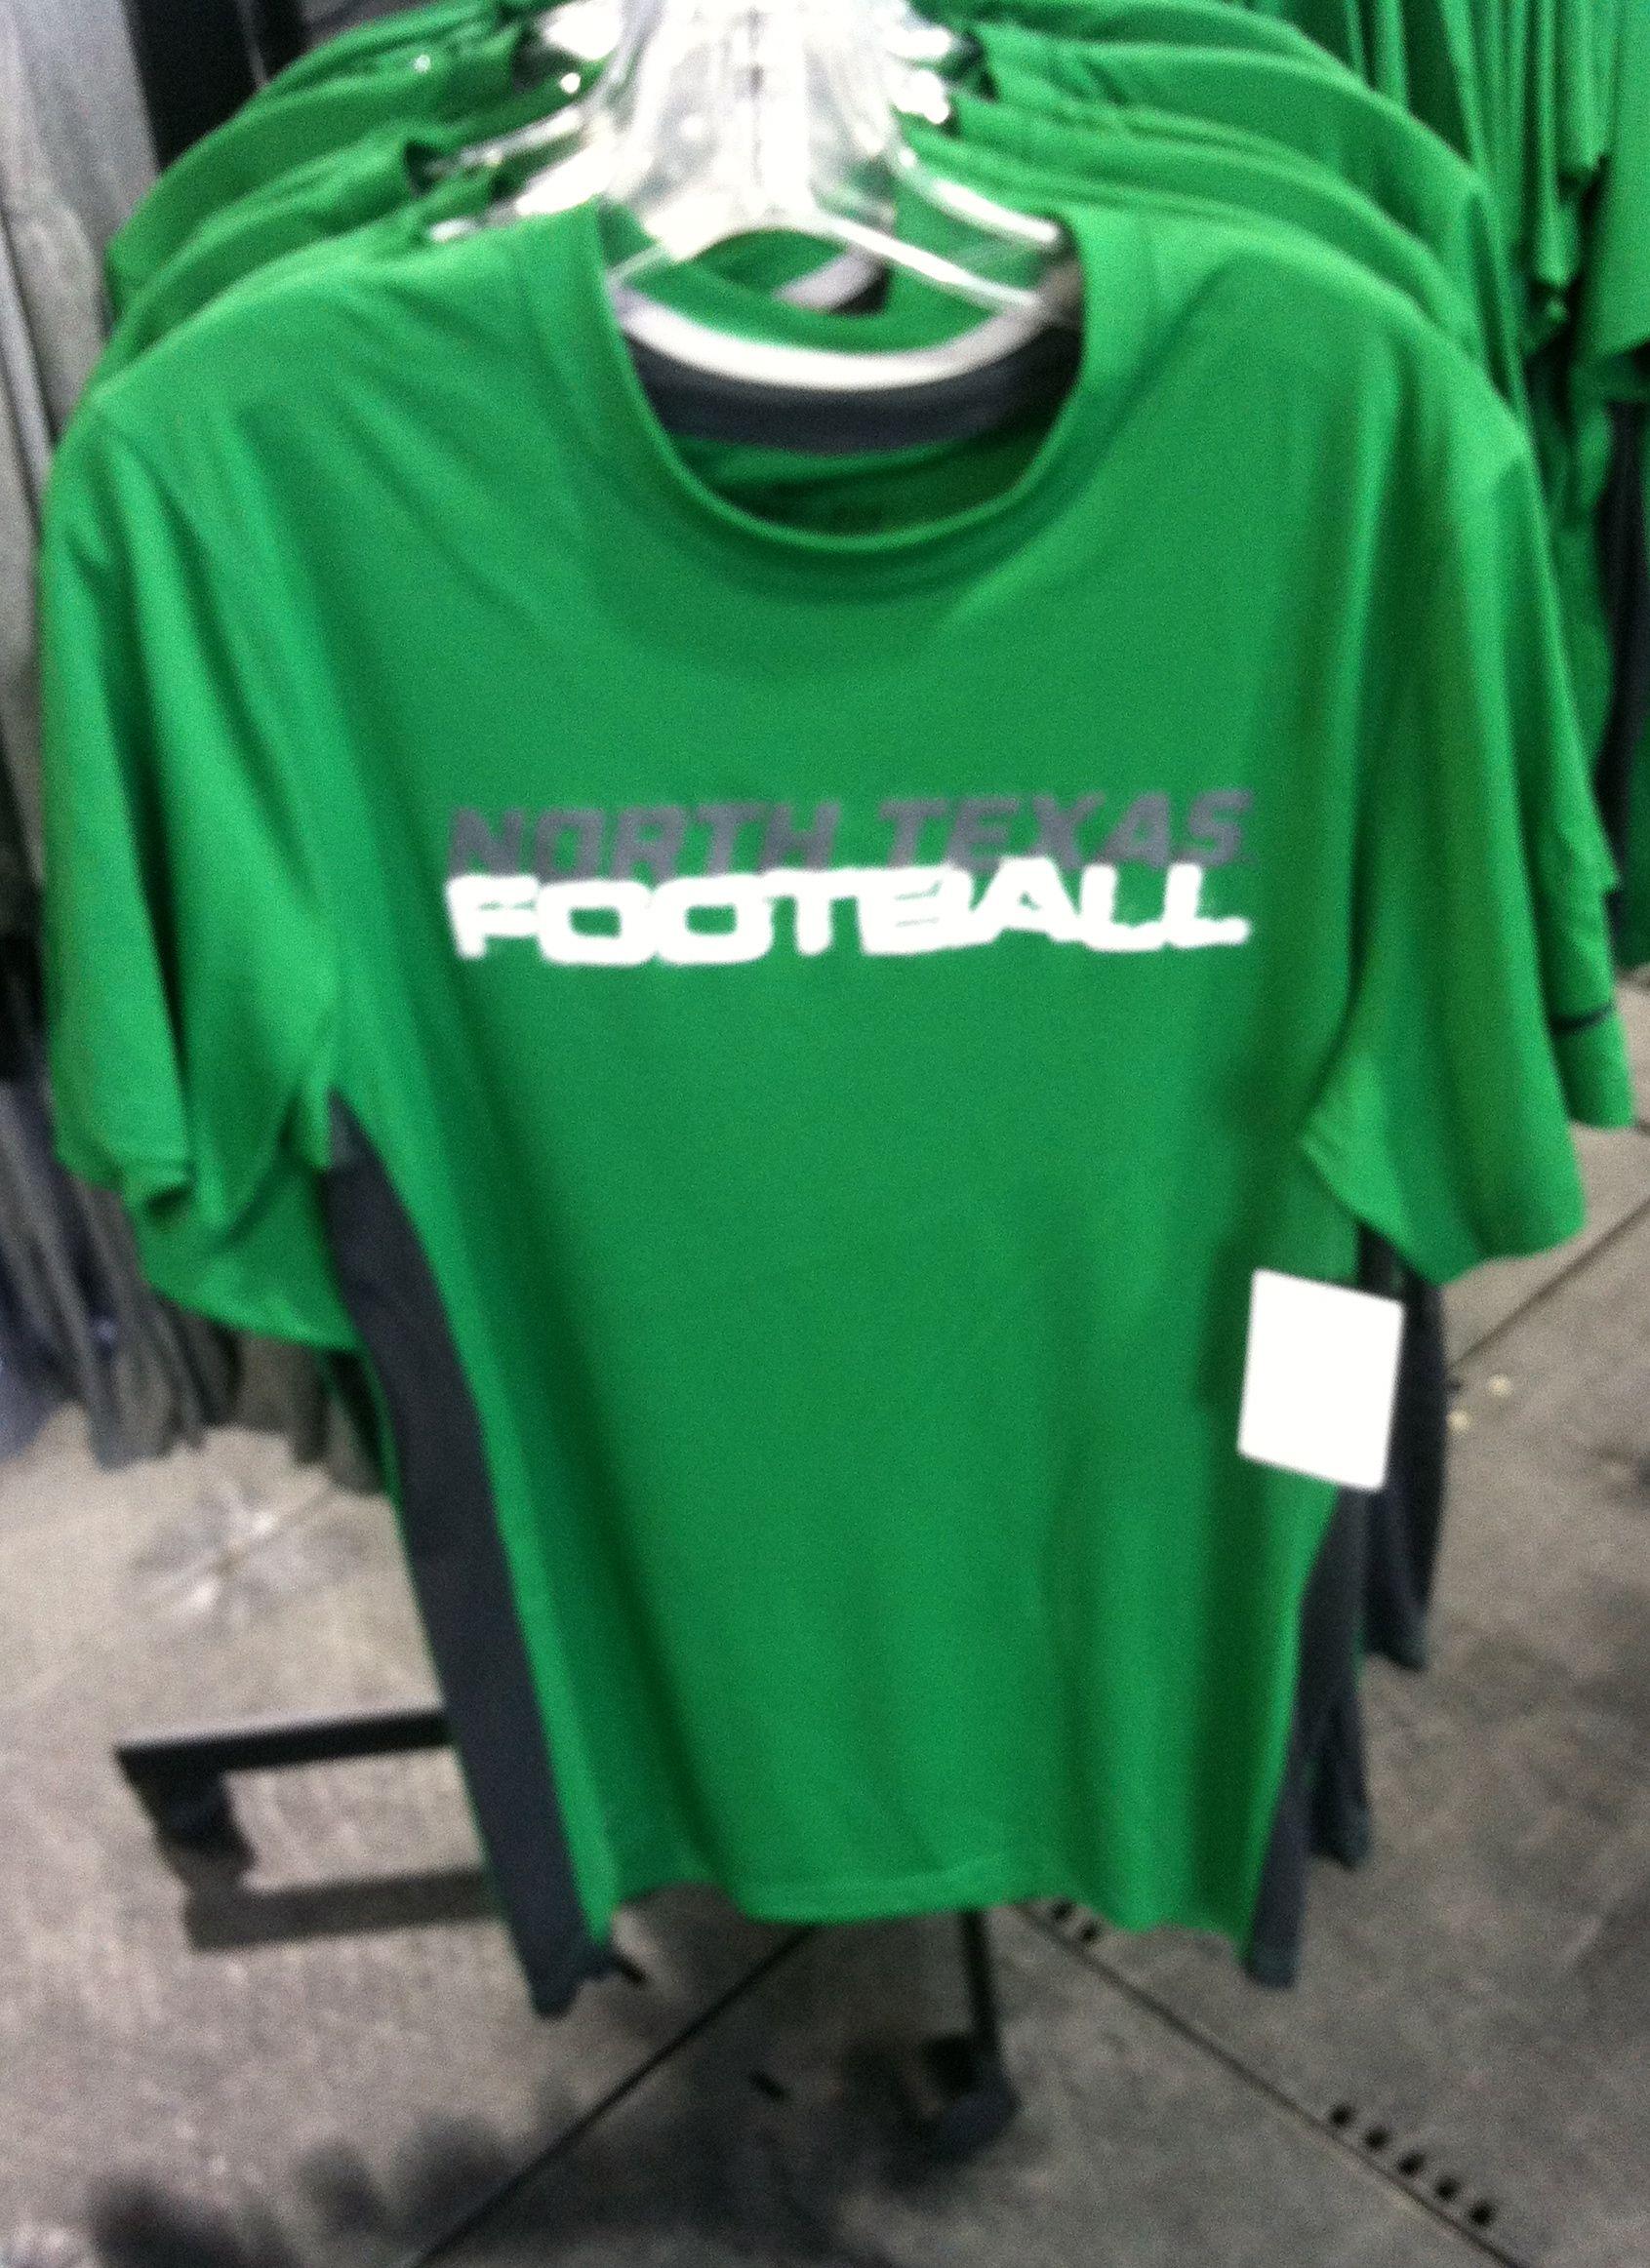 Nike DriFit North Texas Football shirt 45.00 at the UNT